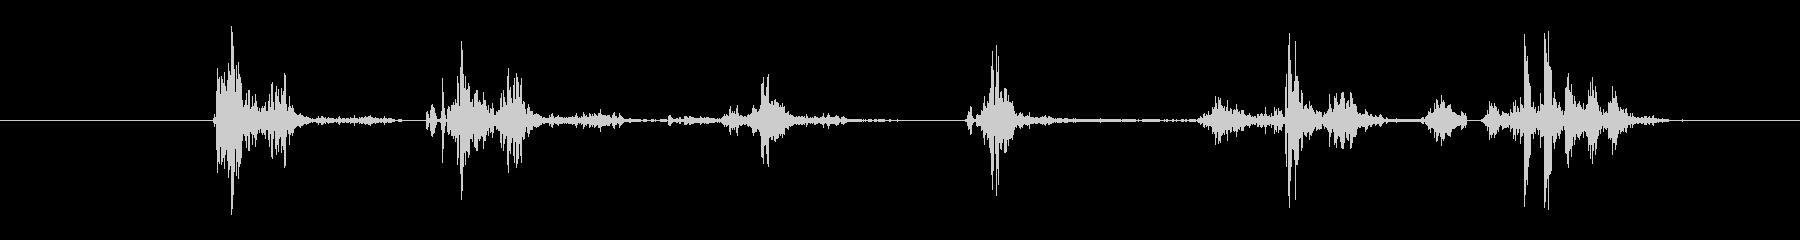 電気機械 小さな電圧スパーク04の未再生の波形